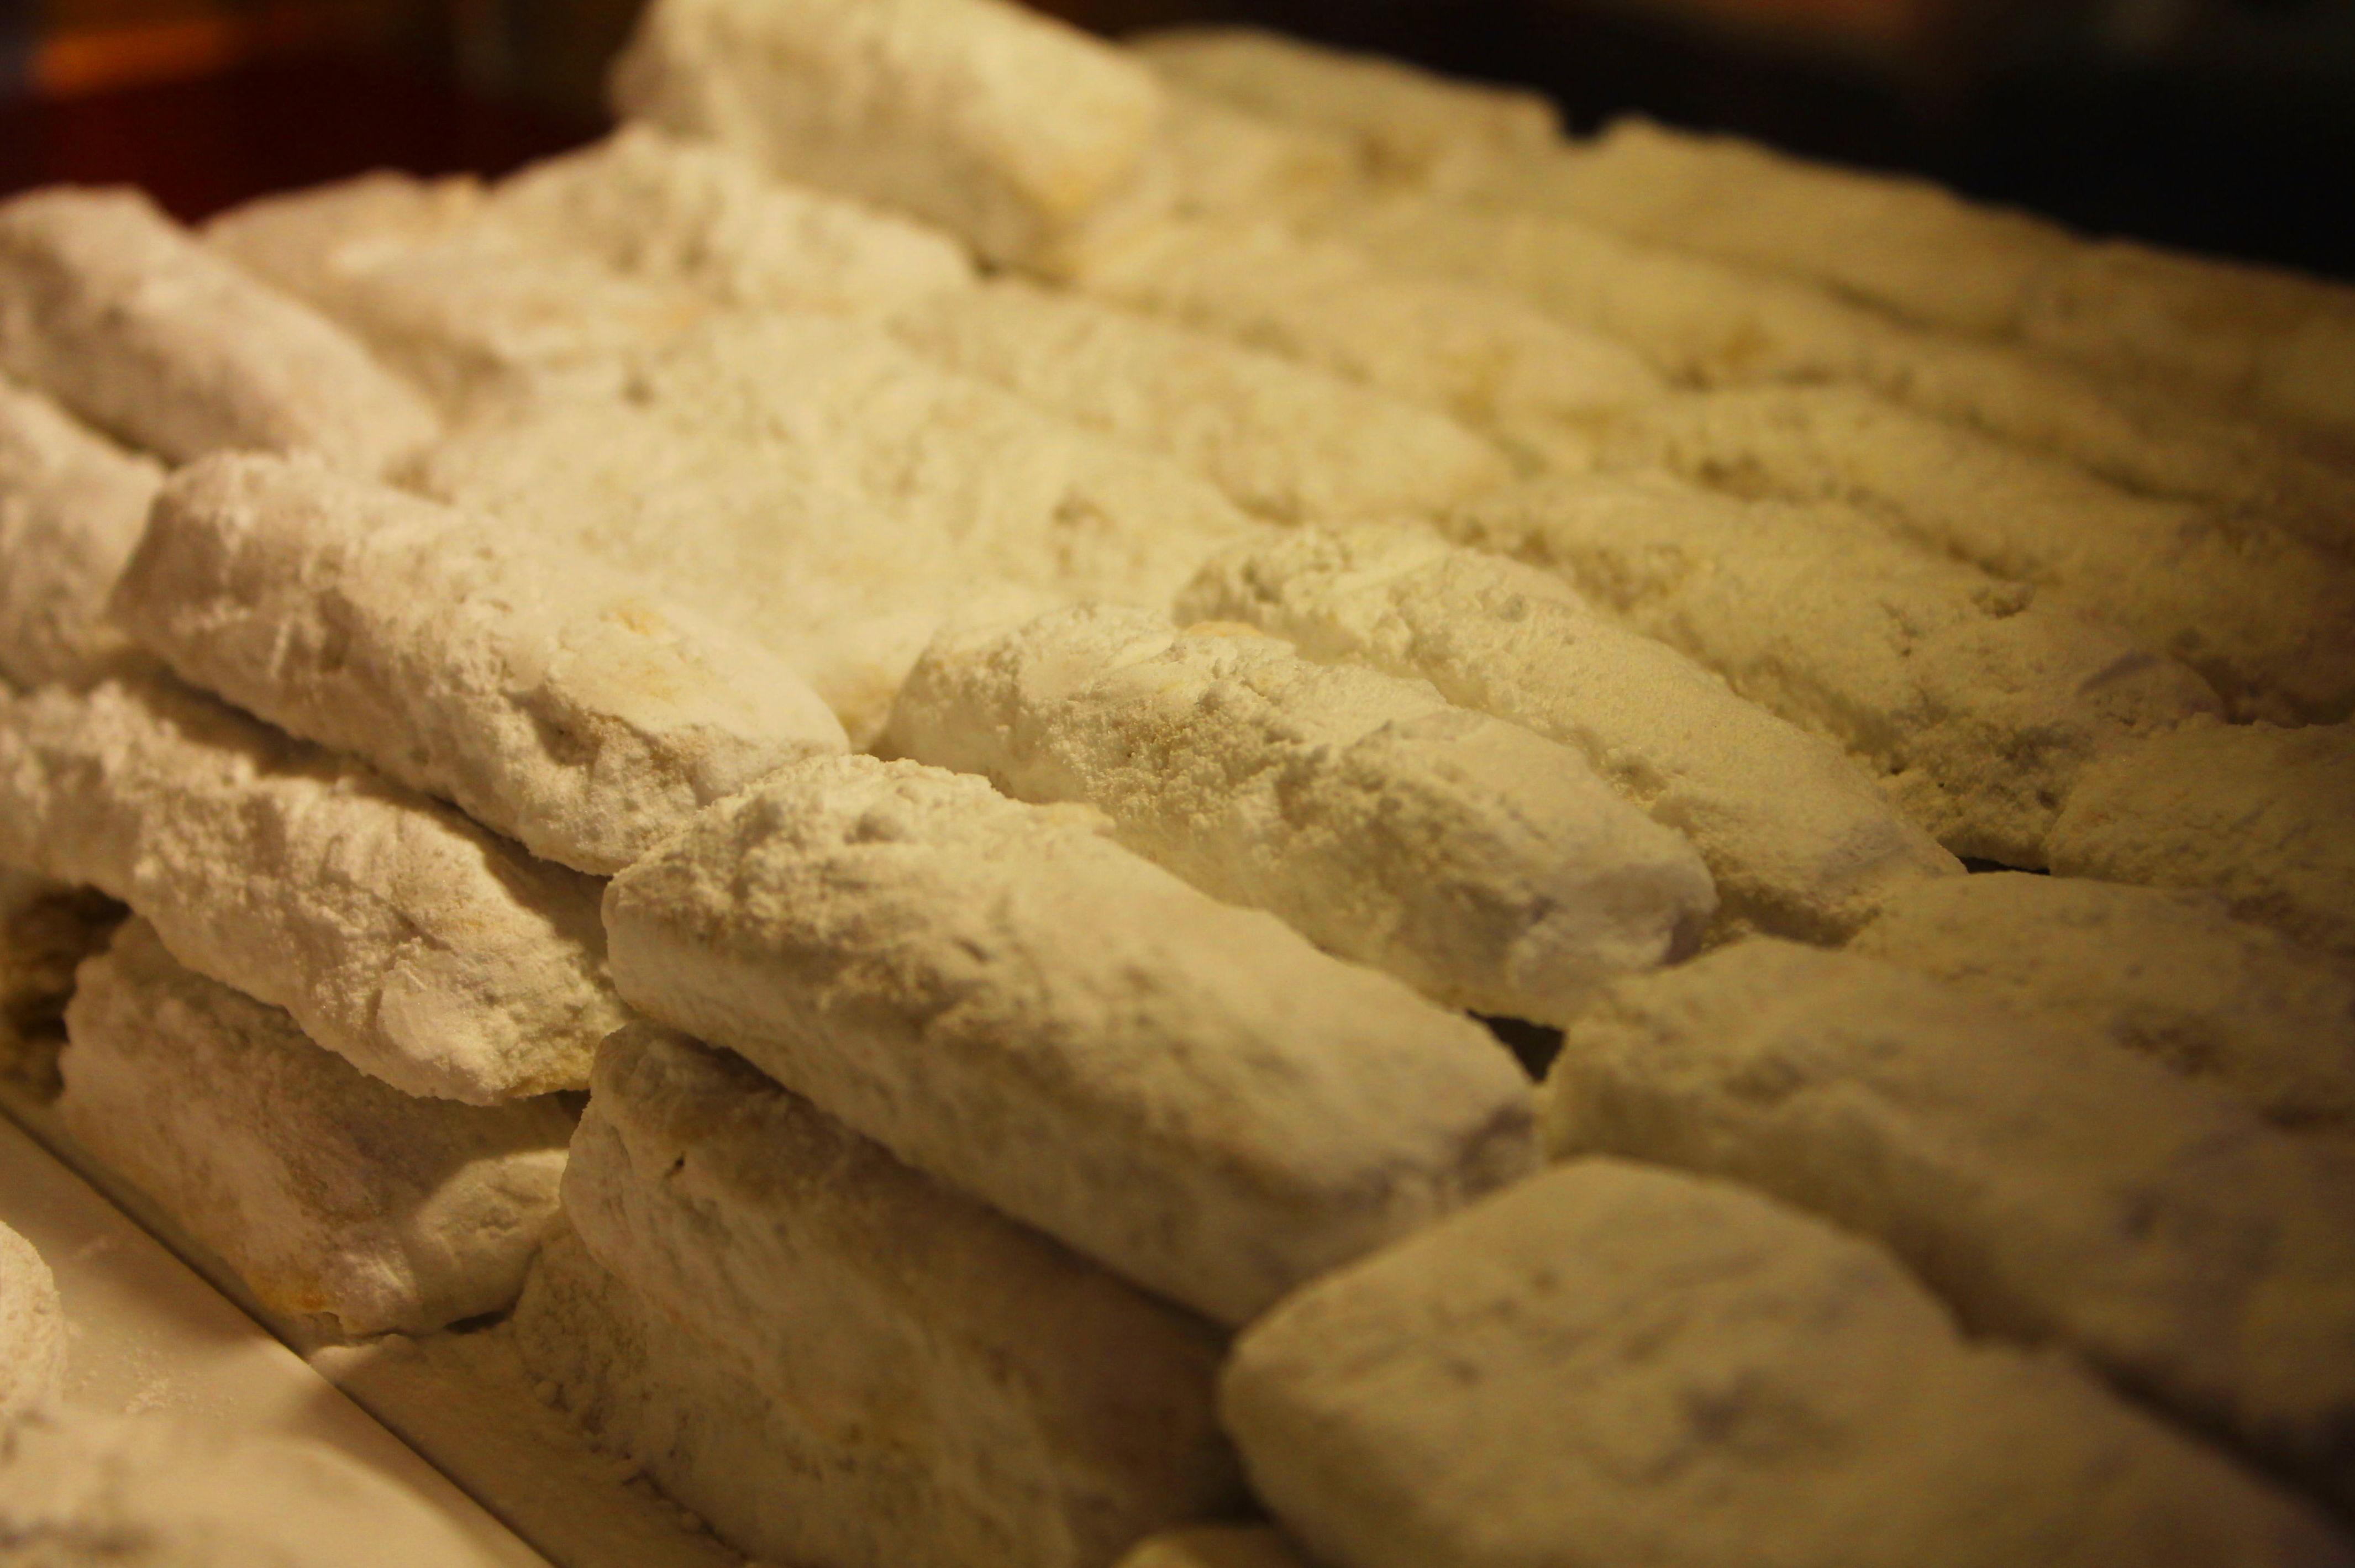 Foto 28 de Obrador artesano con amplia variedad de panes en Jaén | Panaderías y Confiterías Rodríguez